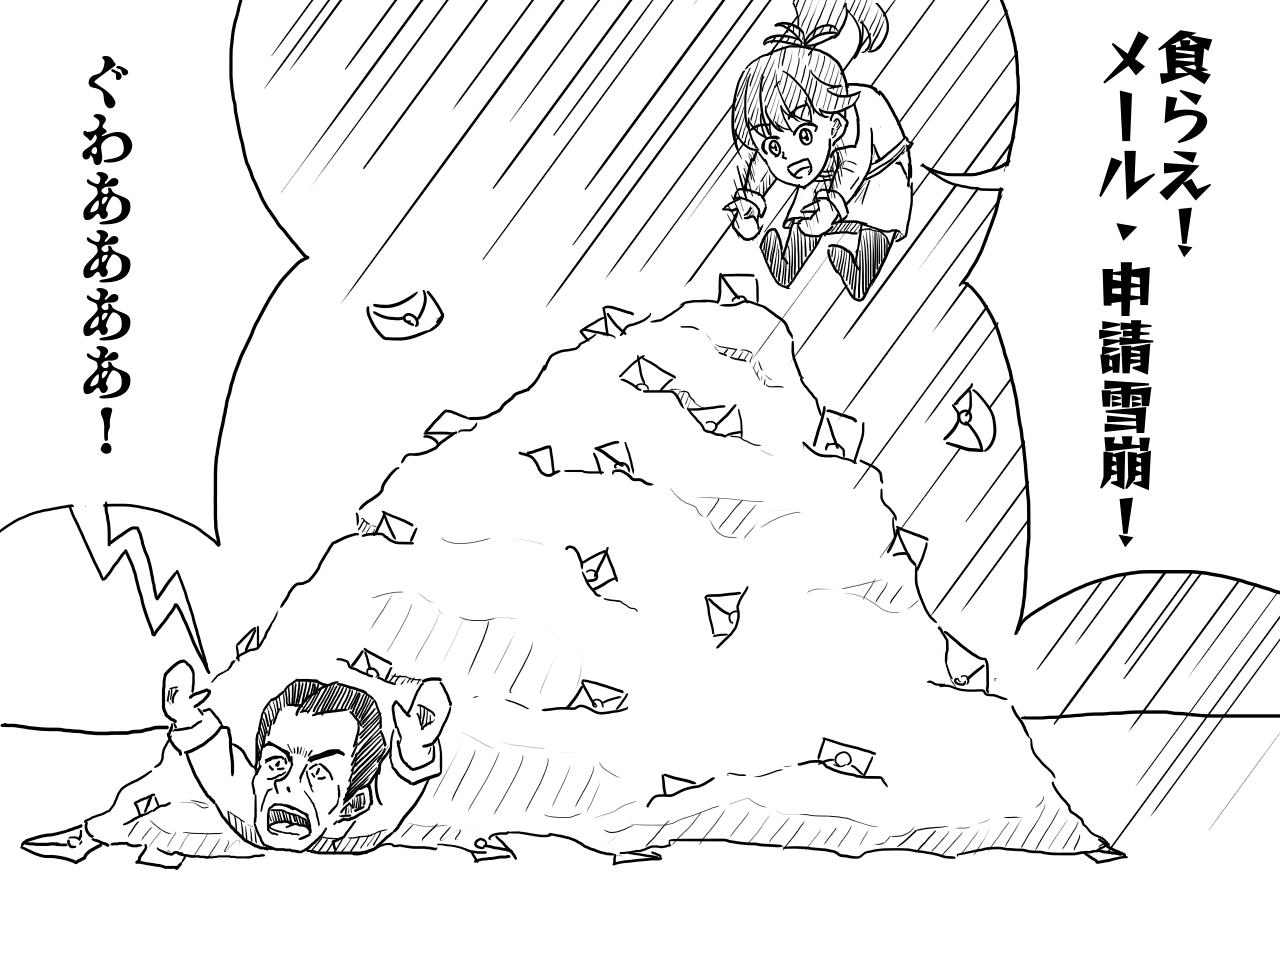 メール爆弾